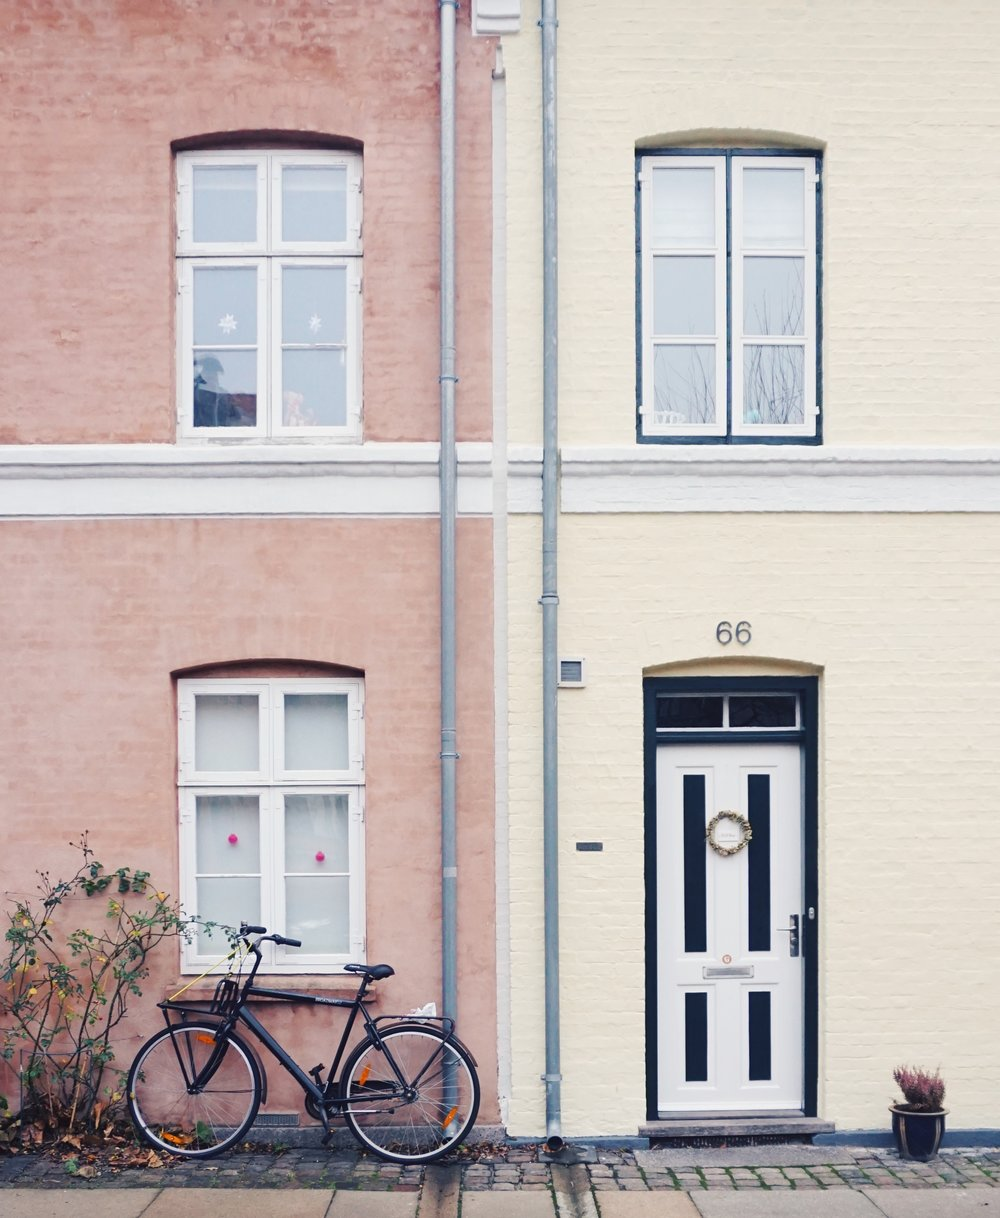 Copenhagen 12.6.jpg